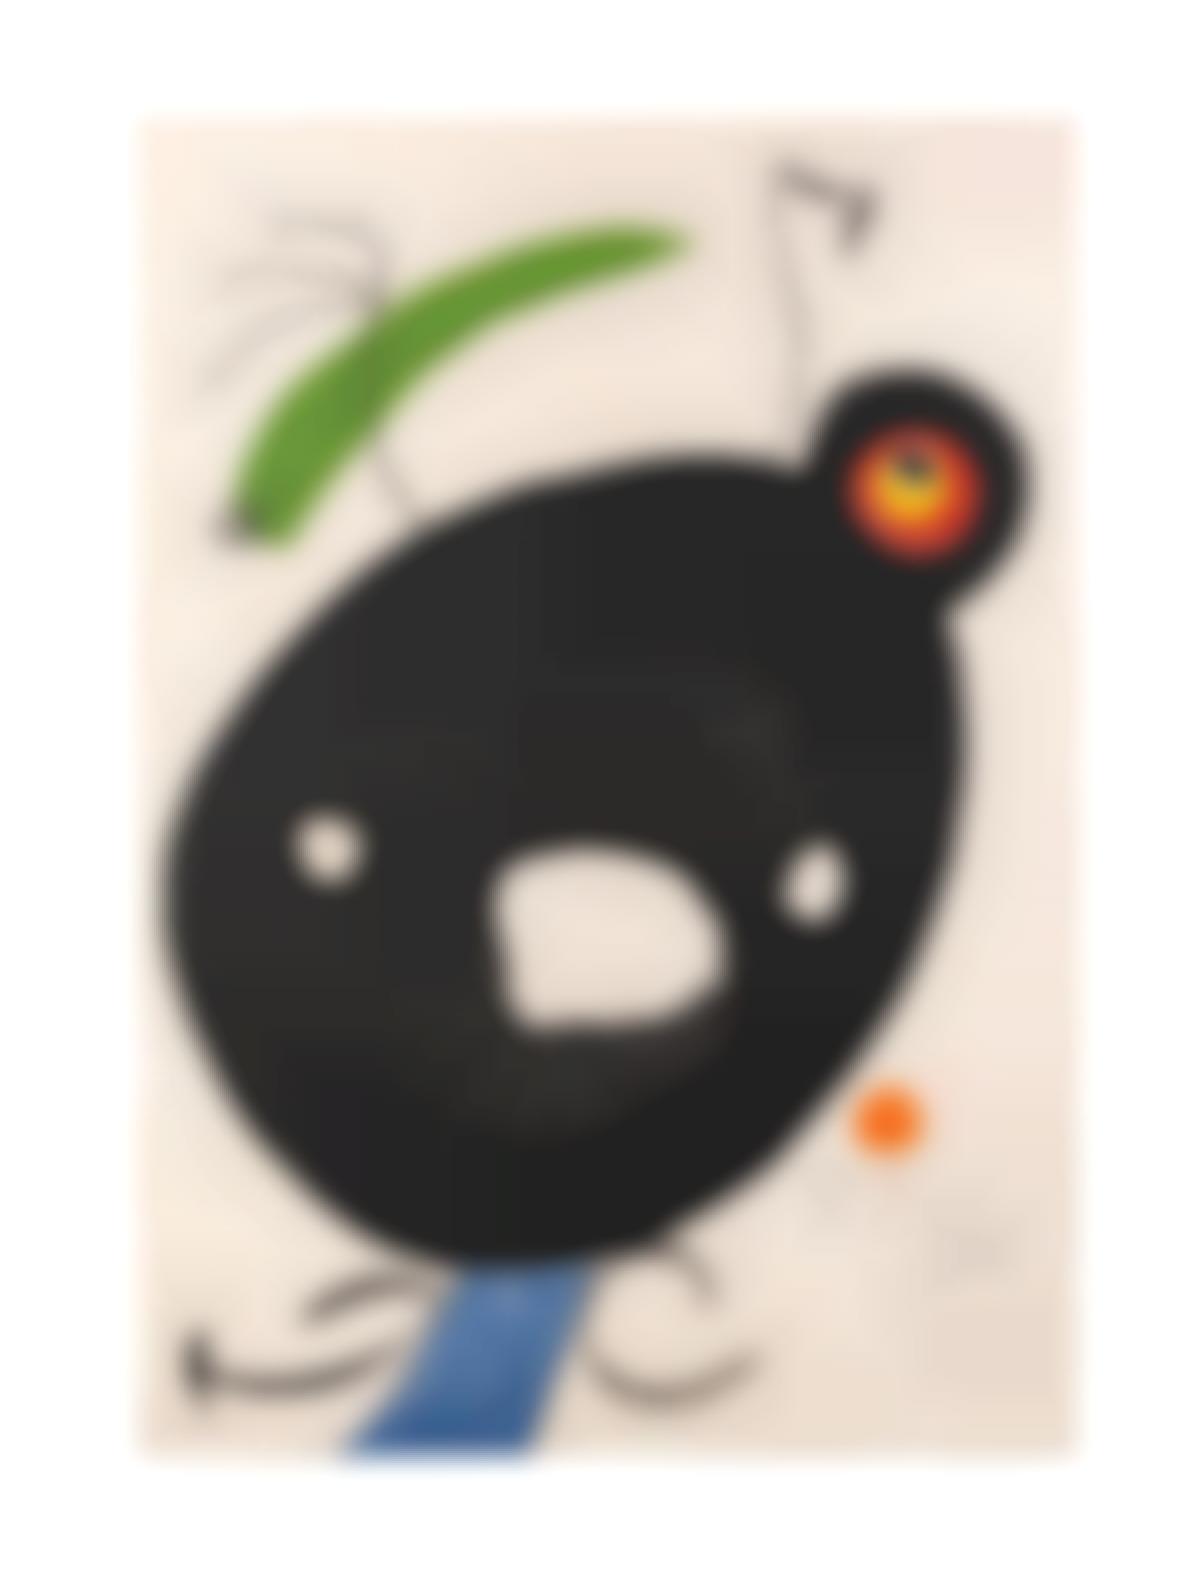 Joan Miro-Plate 2, From Quatre Colors Aparien El Mon (Dupin 823)-1975